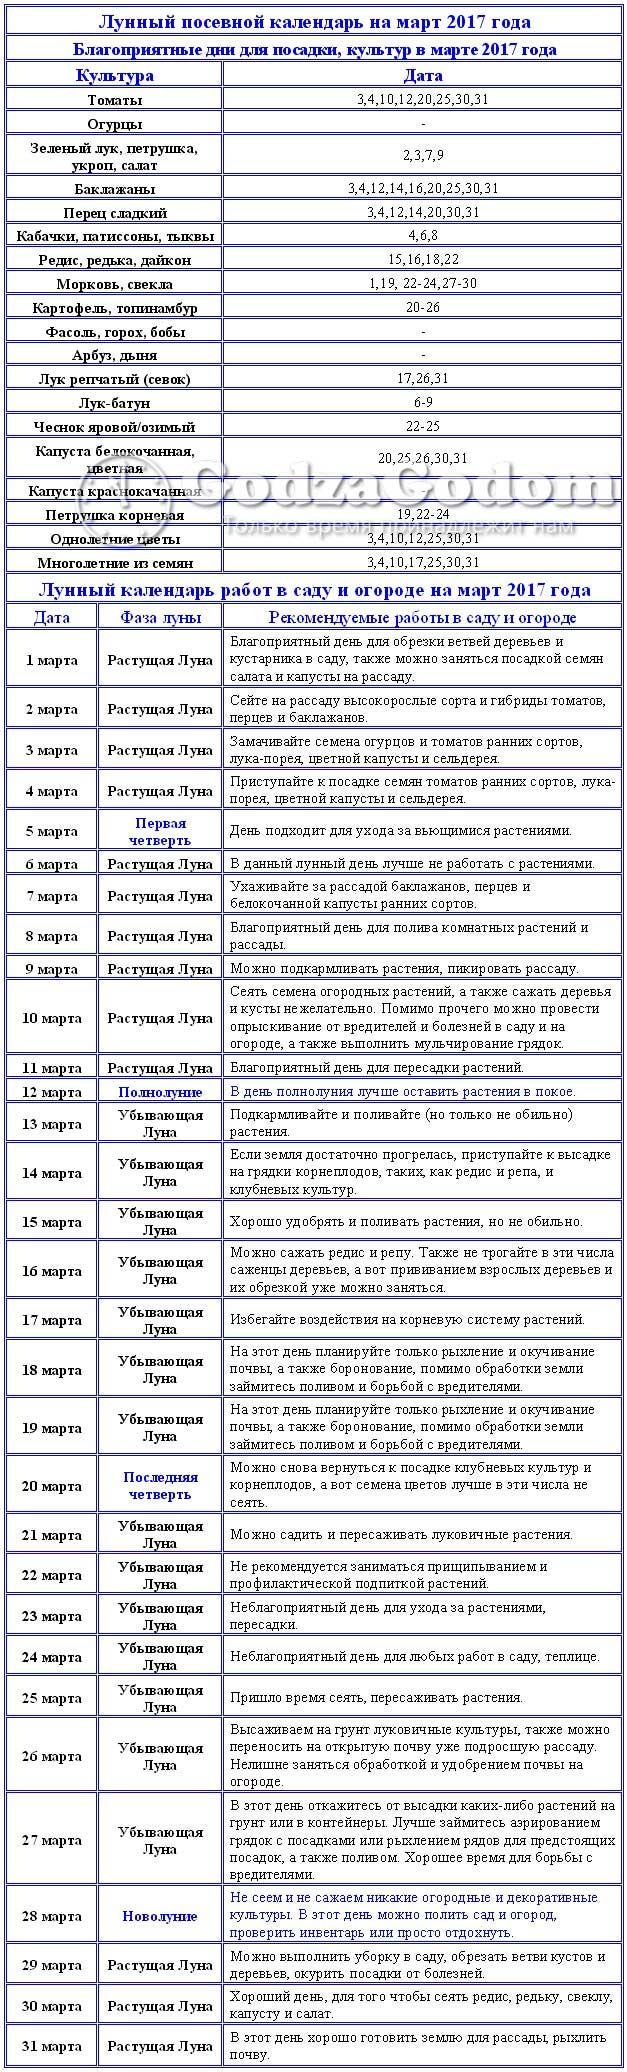 Таблица посевного лунного календаря на март 2017 г.